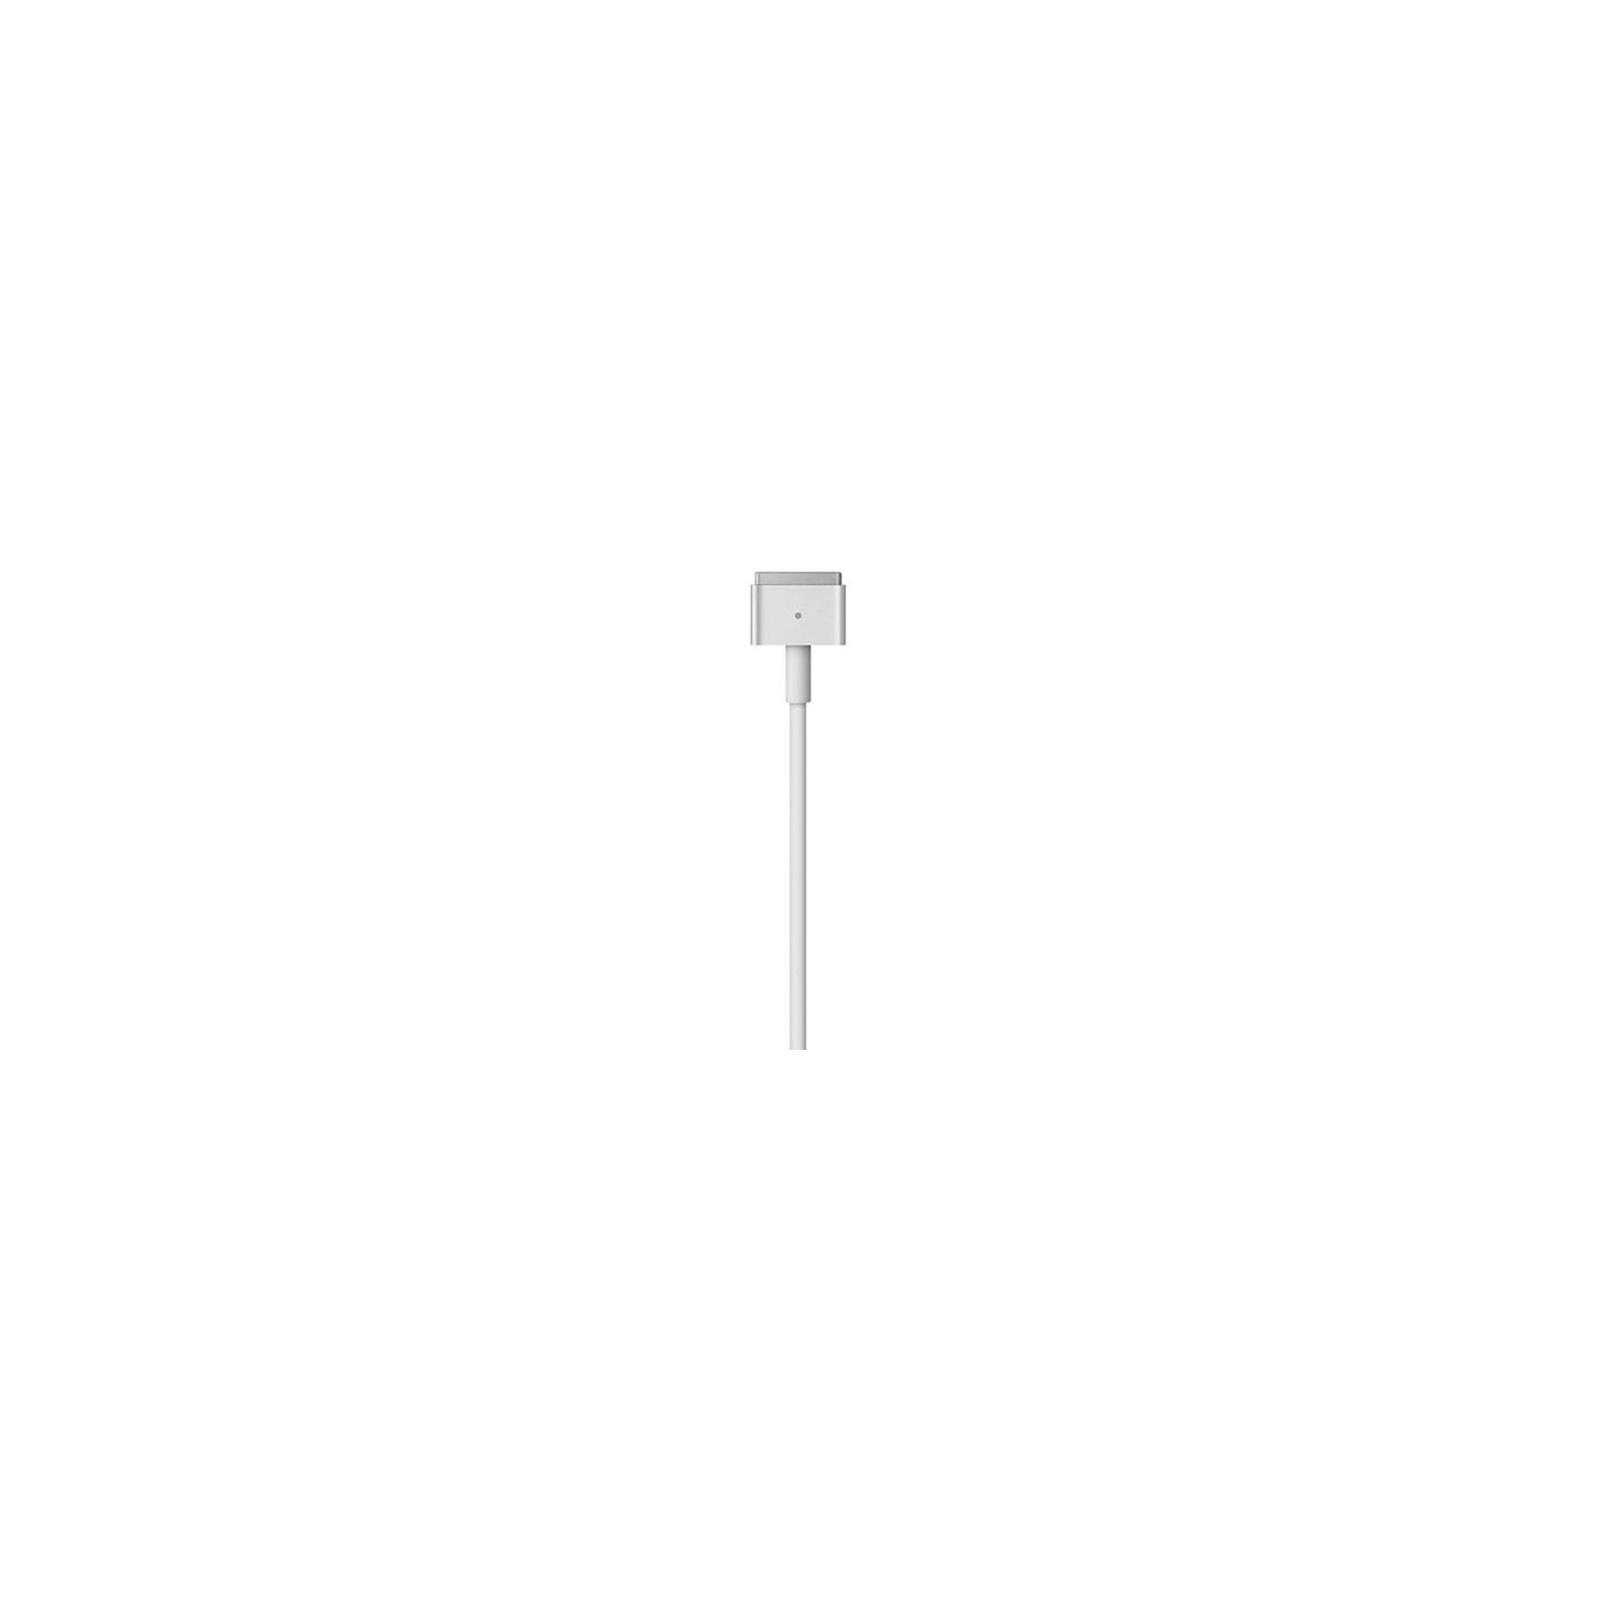 Блок питания к ноутбуку Apple 85W MagSafe 2 Power Adapter (MD506Z/A) изображение 2